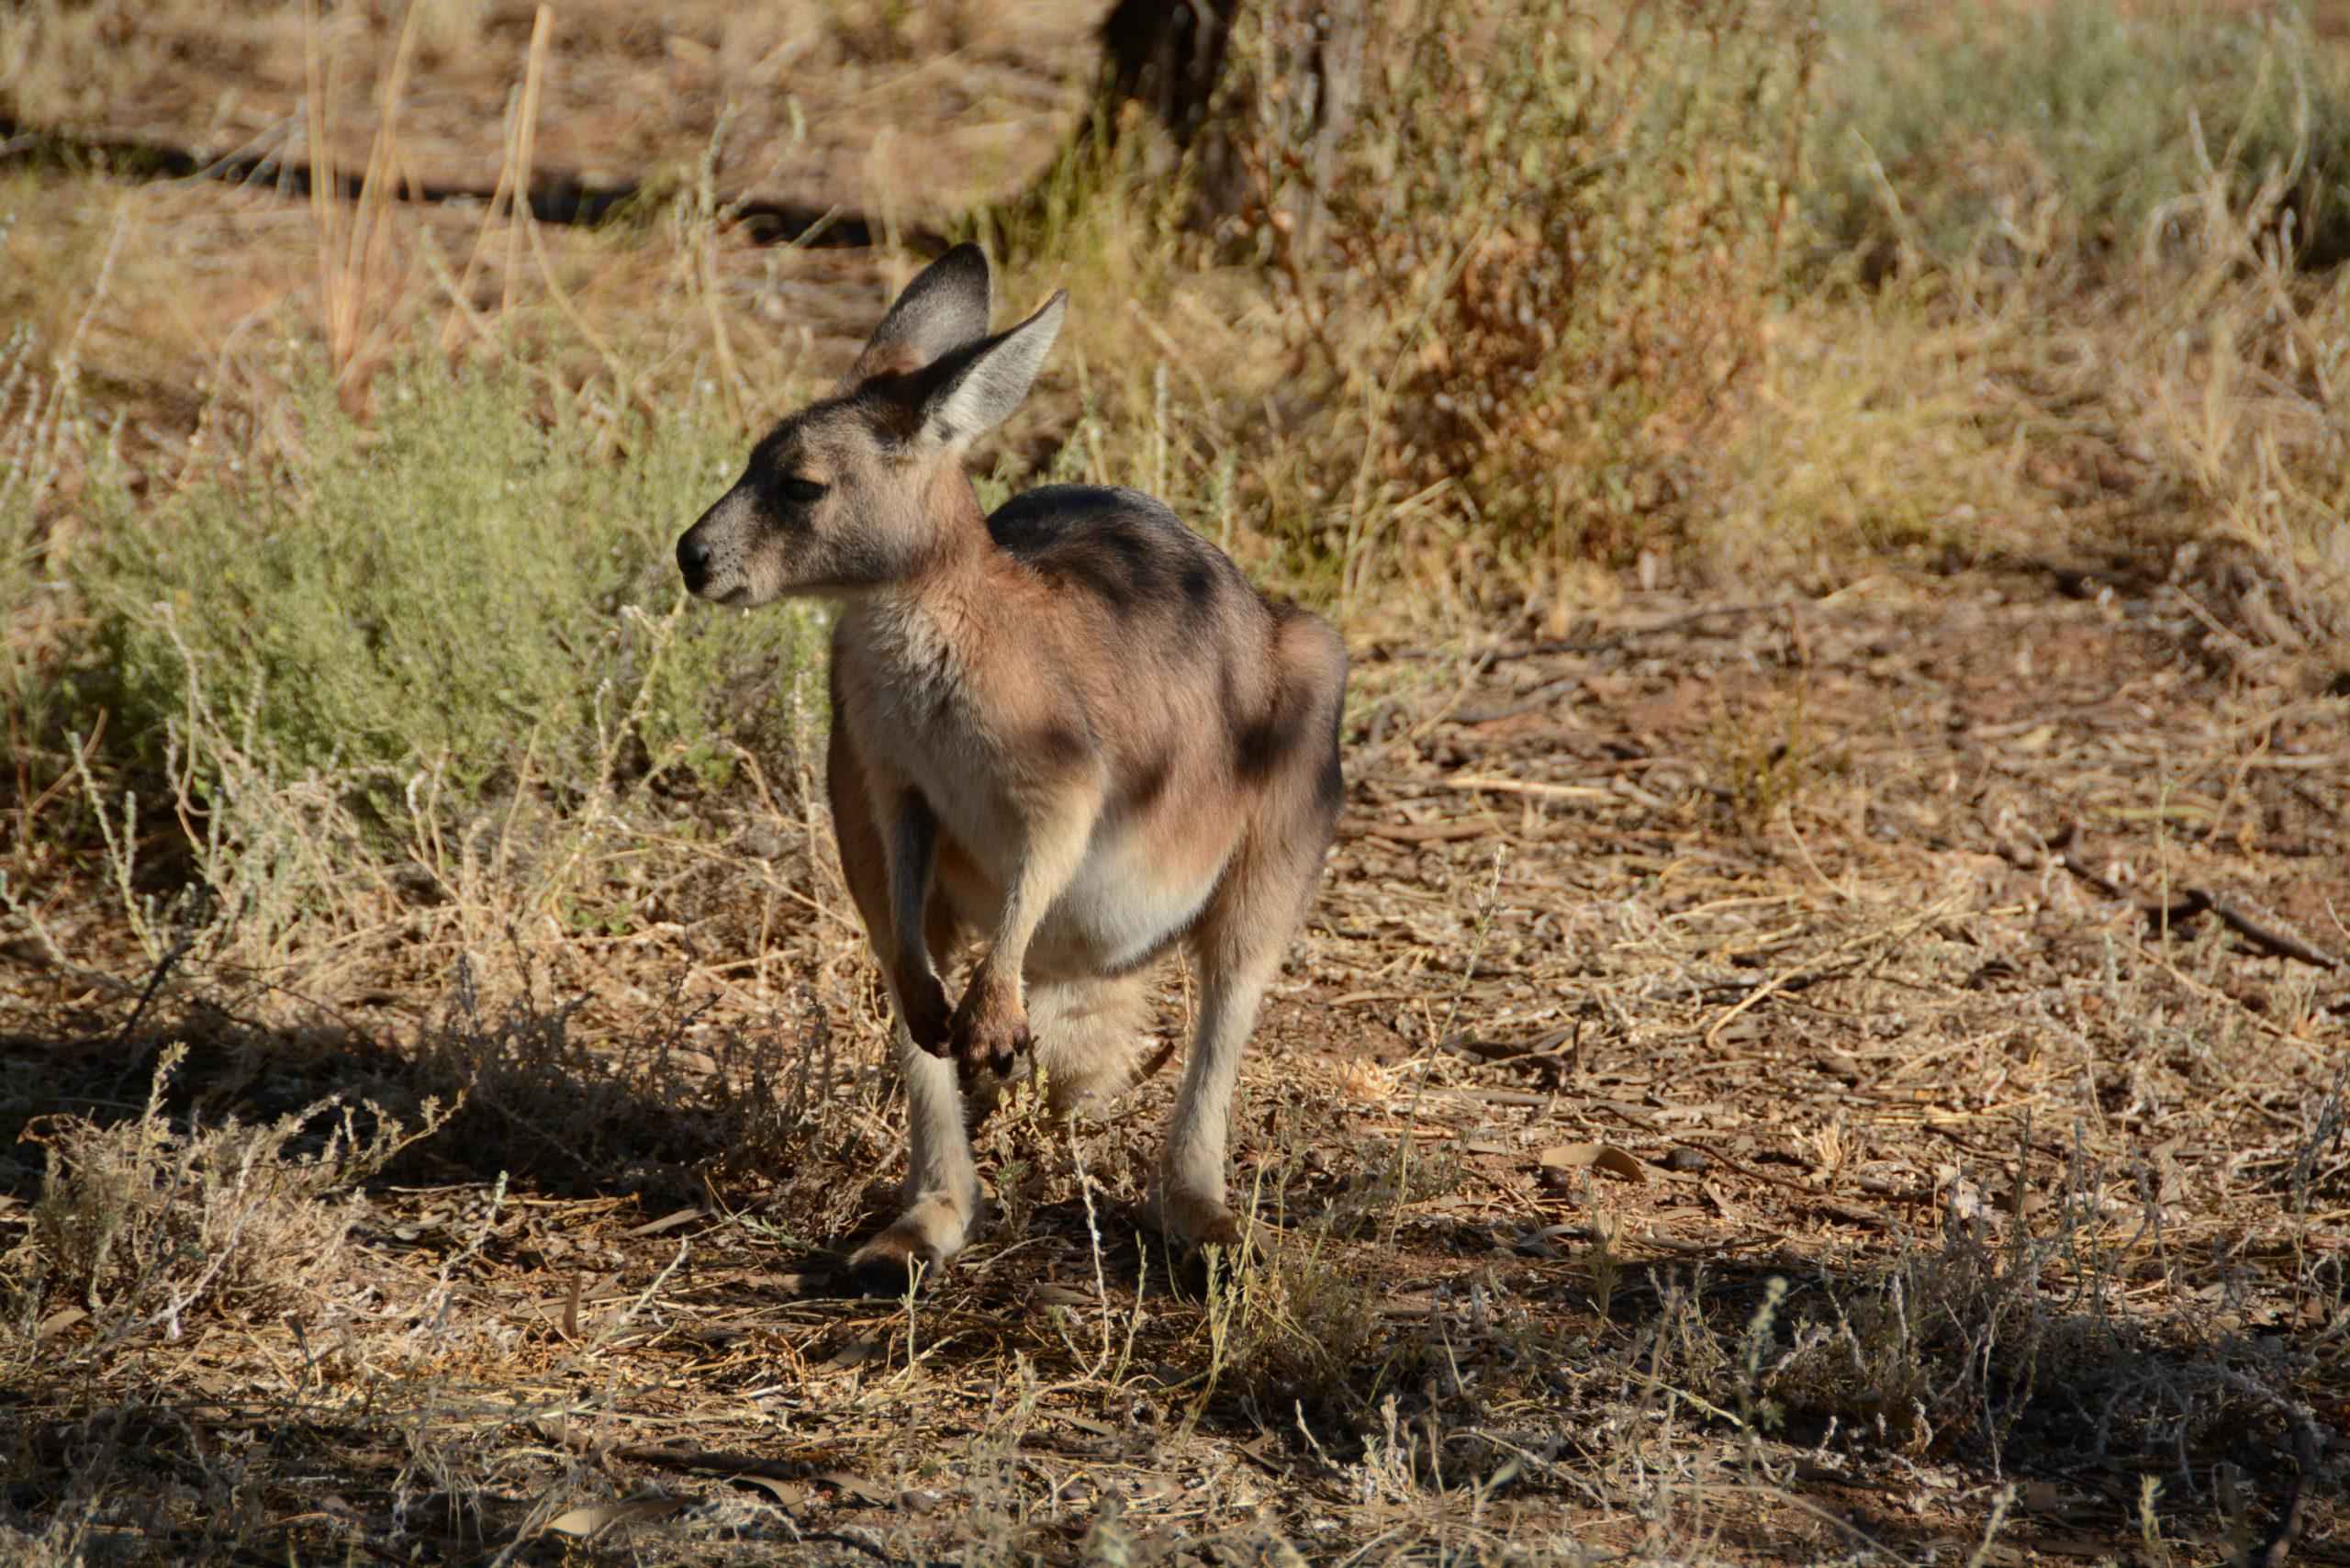 Wallabe oder Känguru? Diese Frage stellt sich in Alice Springs